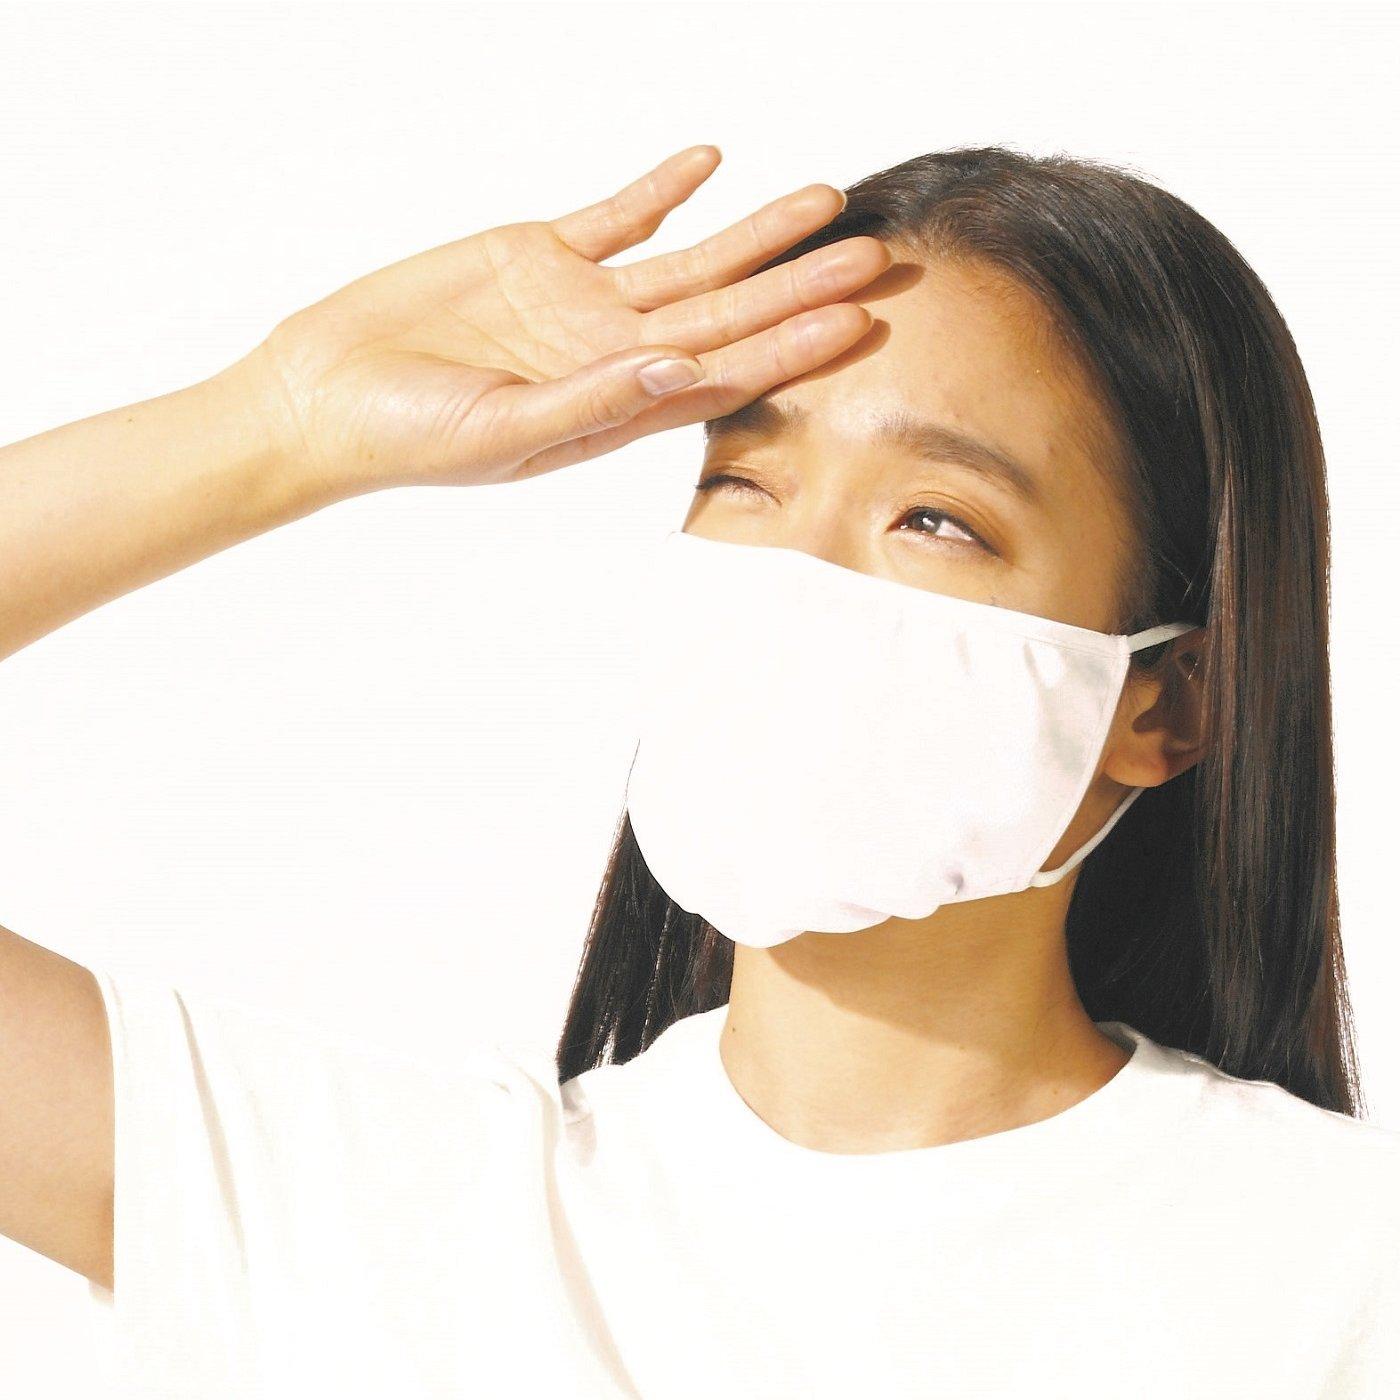 さっと着脱で本格ケア 大型設計のUVカット紫外線対策マスク〈ゴムひもタイプ〉